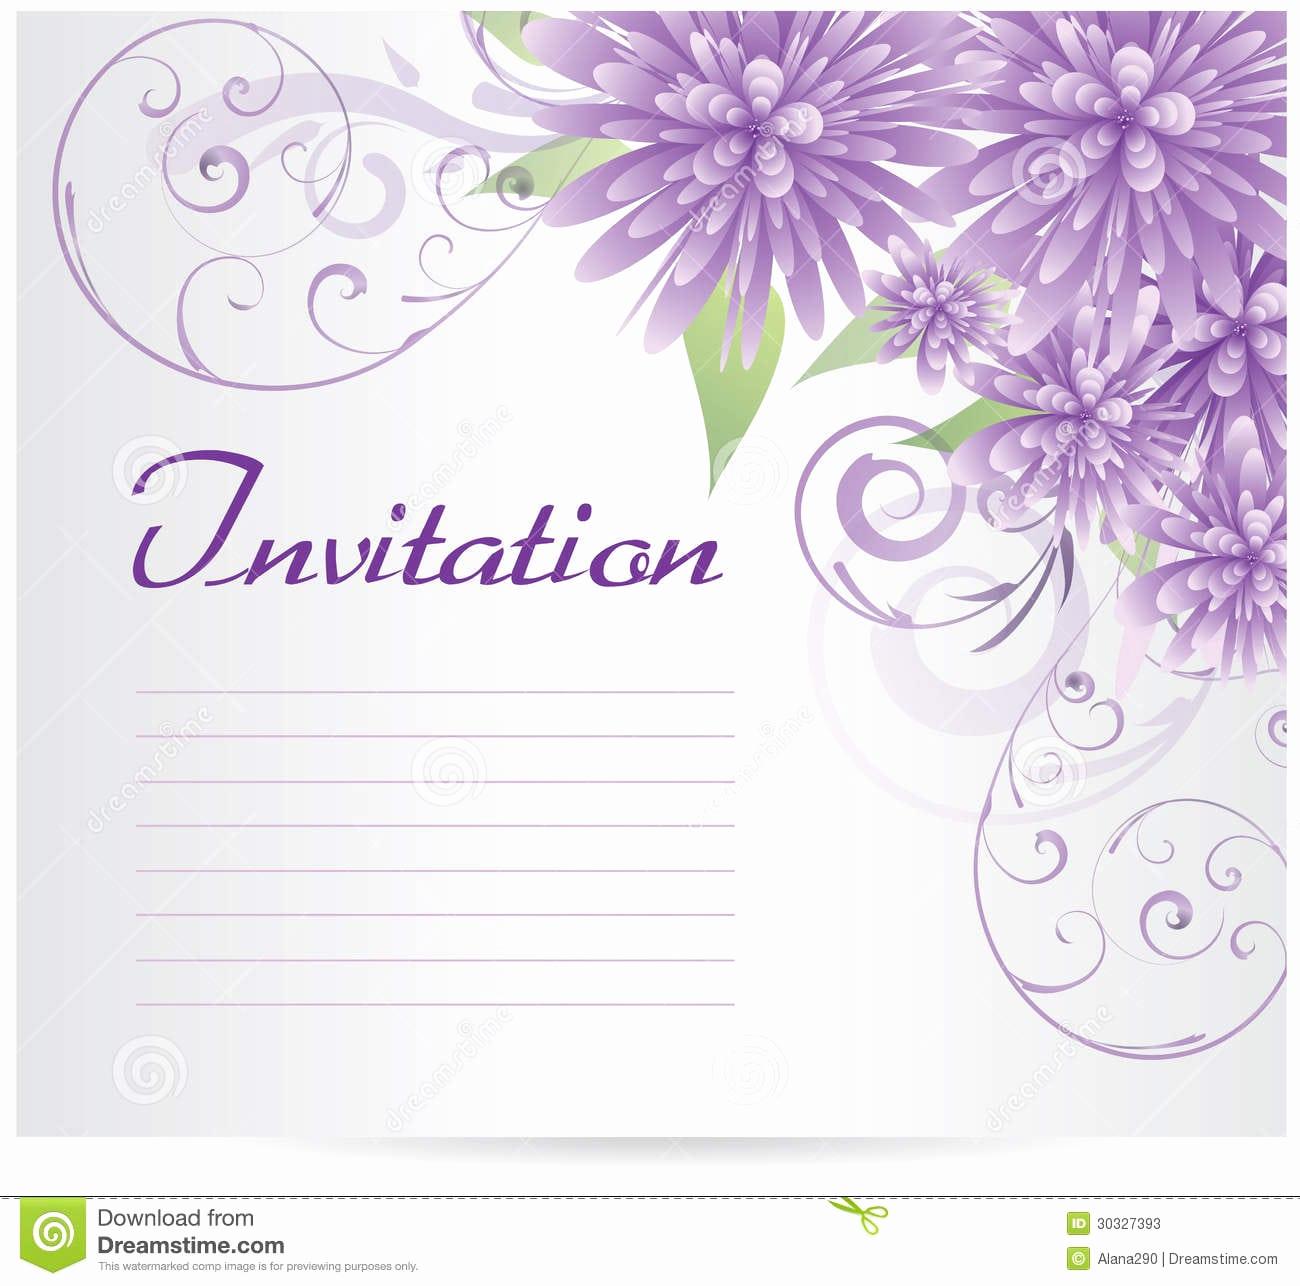 Blank Wedding Invitation Templates Unique Invitation Blank Template